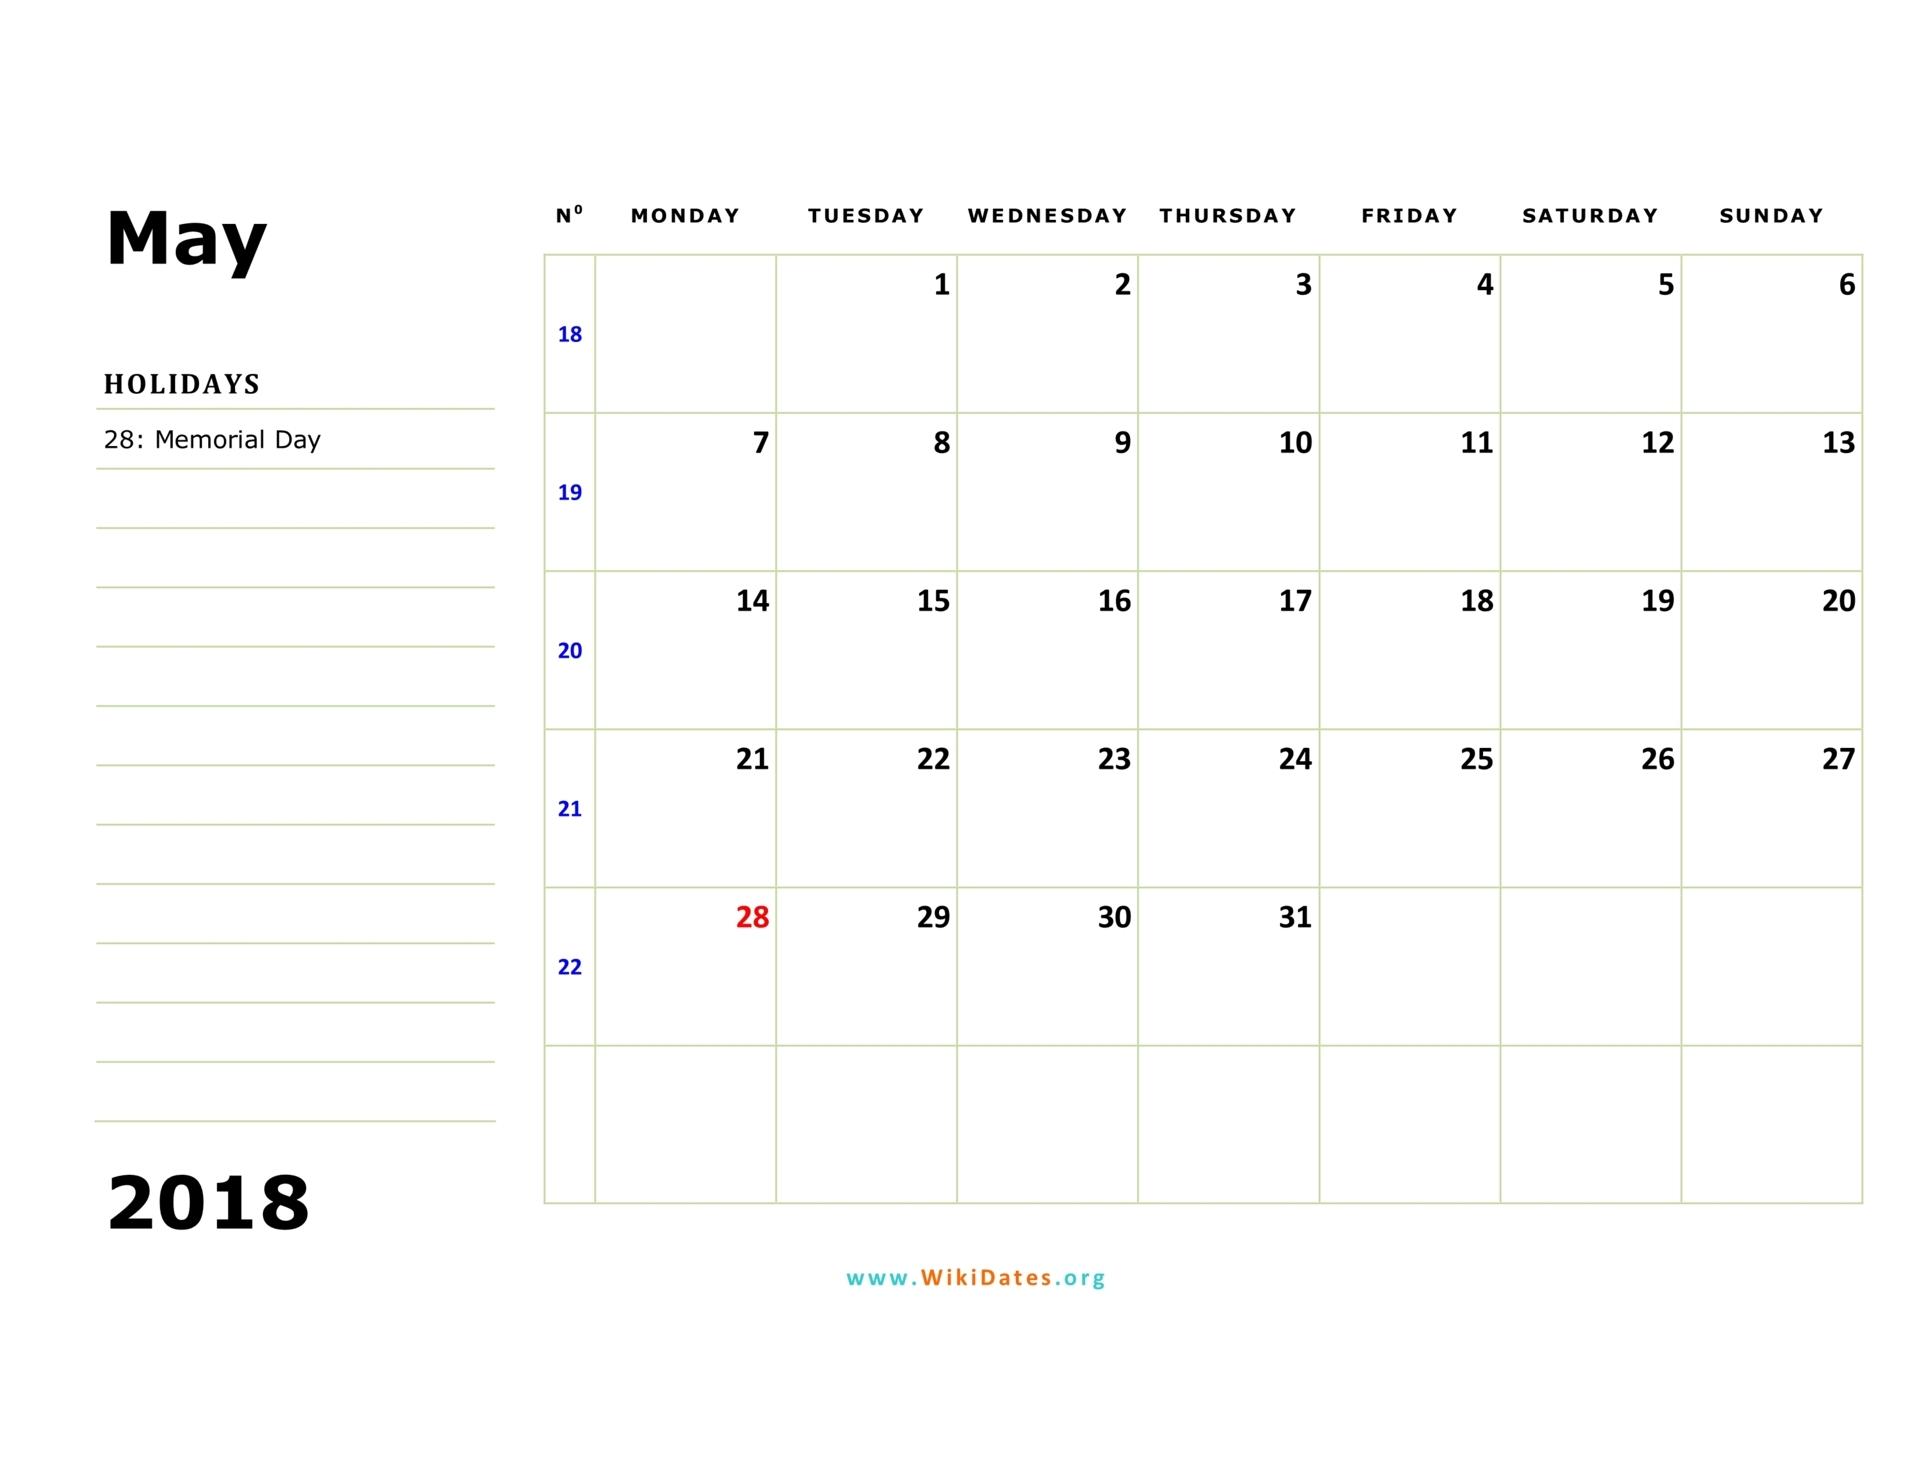 Monday Sunday Printable Calendar - Printall